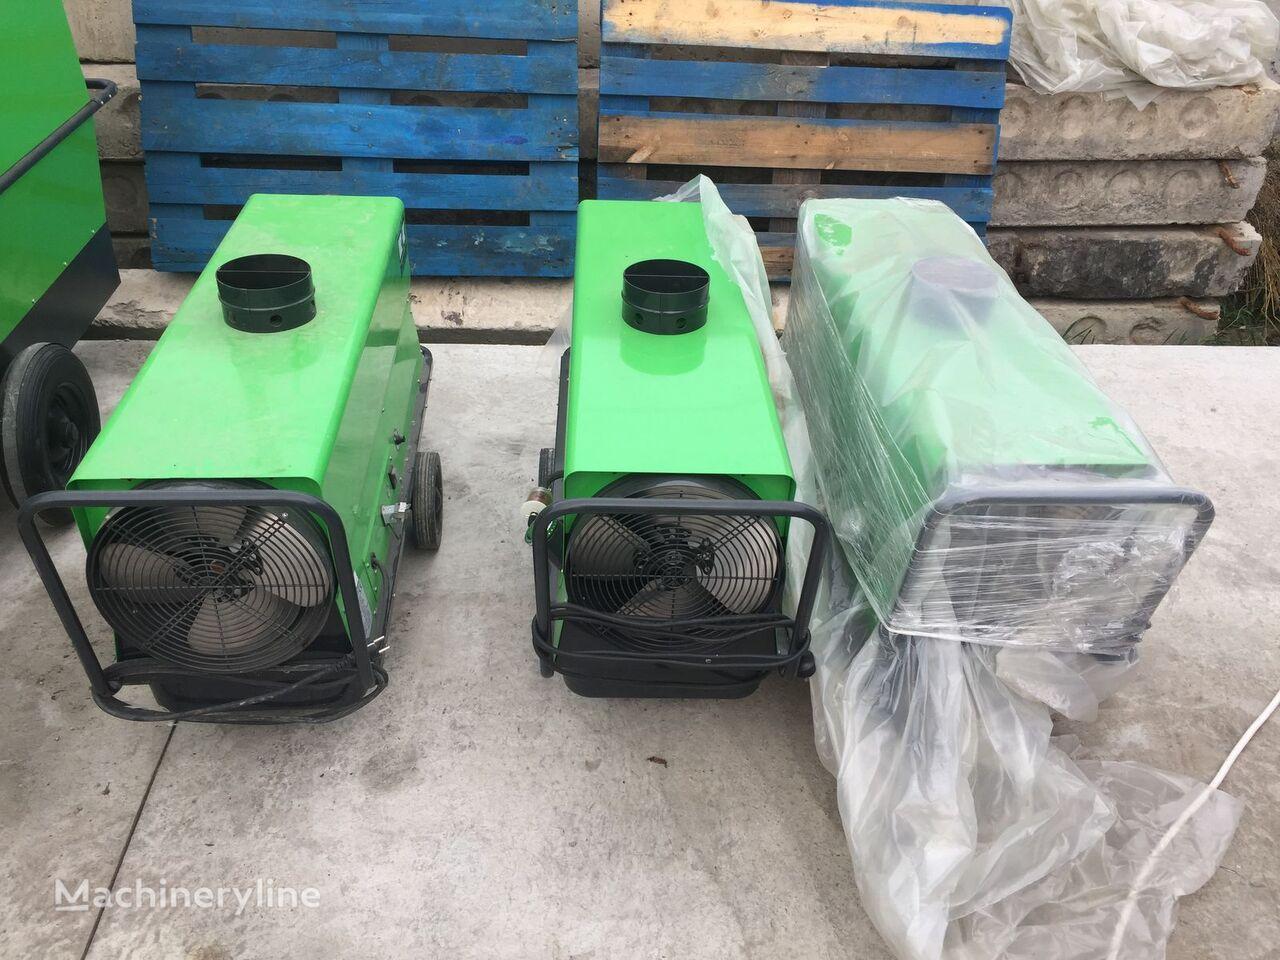 new Remko ATK 25 Mobilnye dizelnye teplovye pushki industrial heater